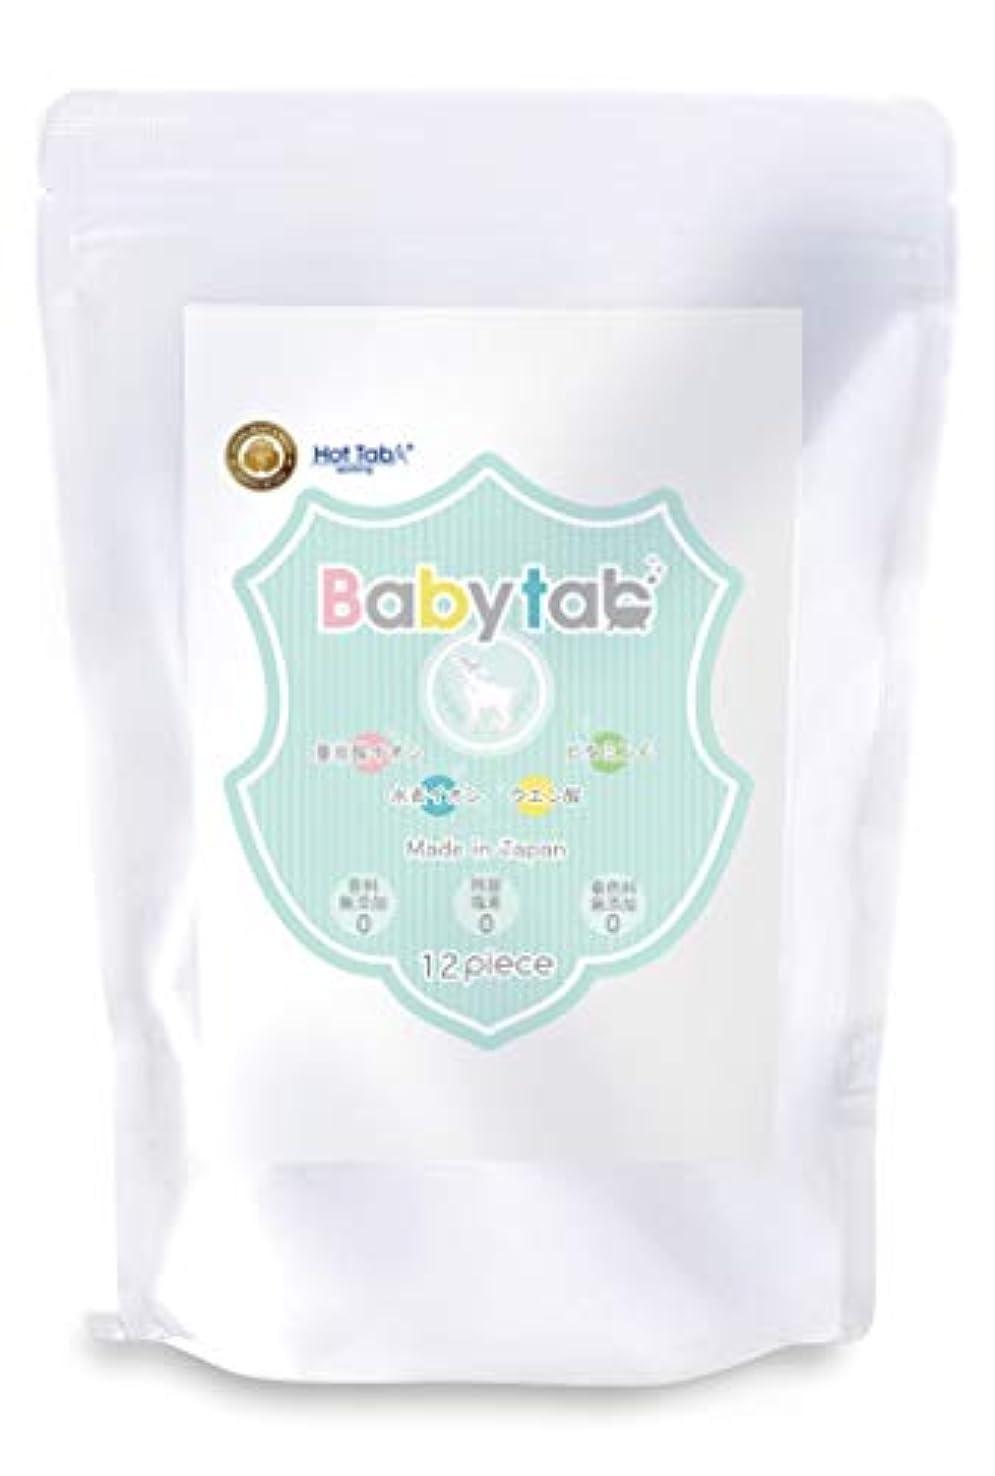 崇拝する移植満了ベビタブ【Babytab】重炭酸 中性 入浴剤 沐浴剤 12錠入り(無添加 無香料 保湿 乾燥肌 オーガニック あせも 塩素除去)赤ちゃんから使える